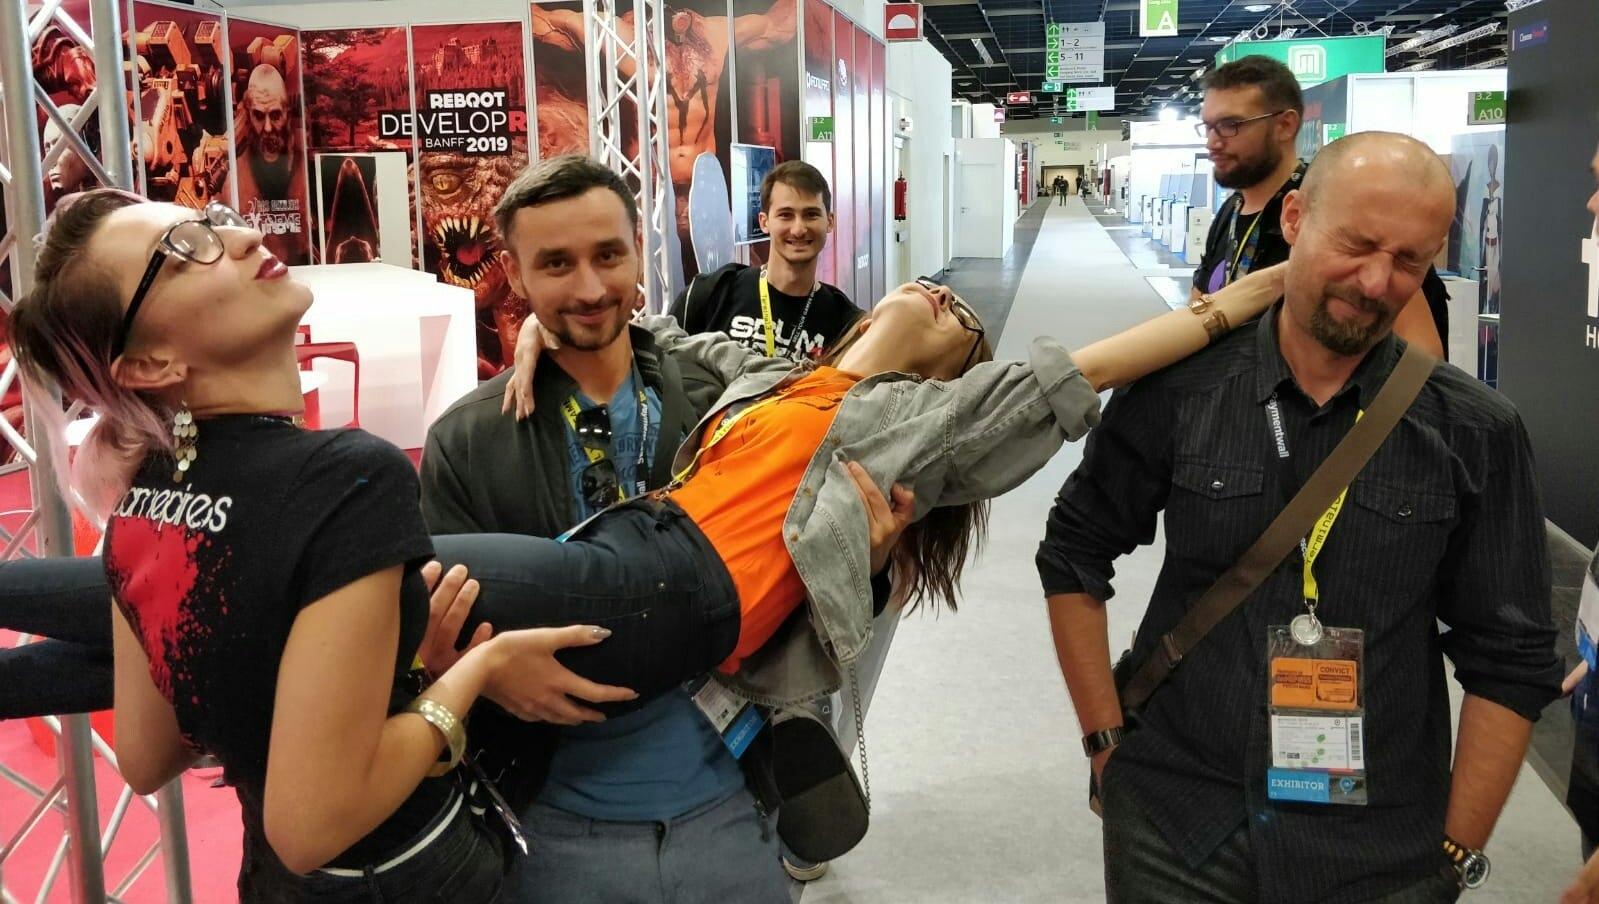 Еще немного фото с выставки GAMESCOM...